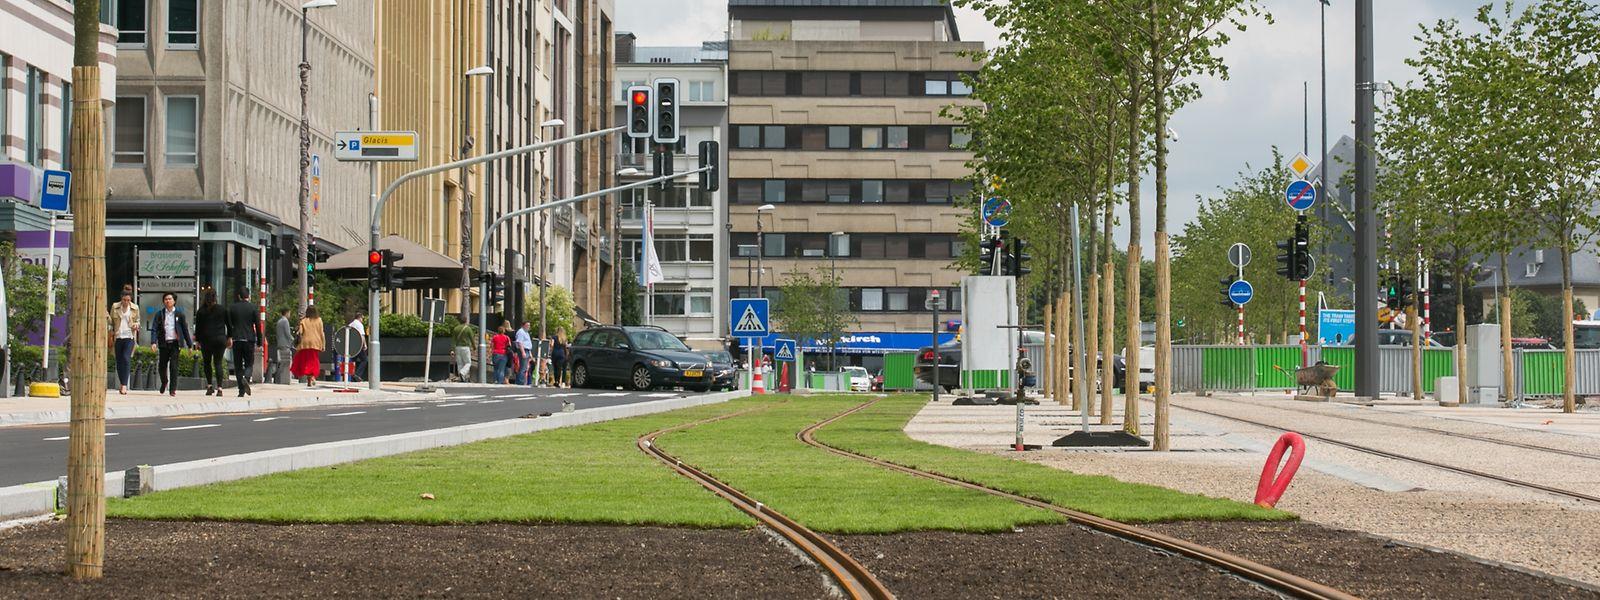 Während der Schobermesse ist auf dem Glacis nur ein Gleis in Betrieb. Der Bereich um das zweite Gleis wird für die Verkaufsstände benötigt.